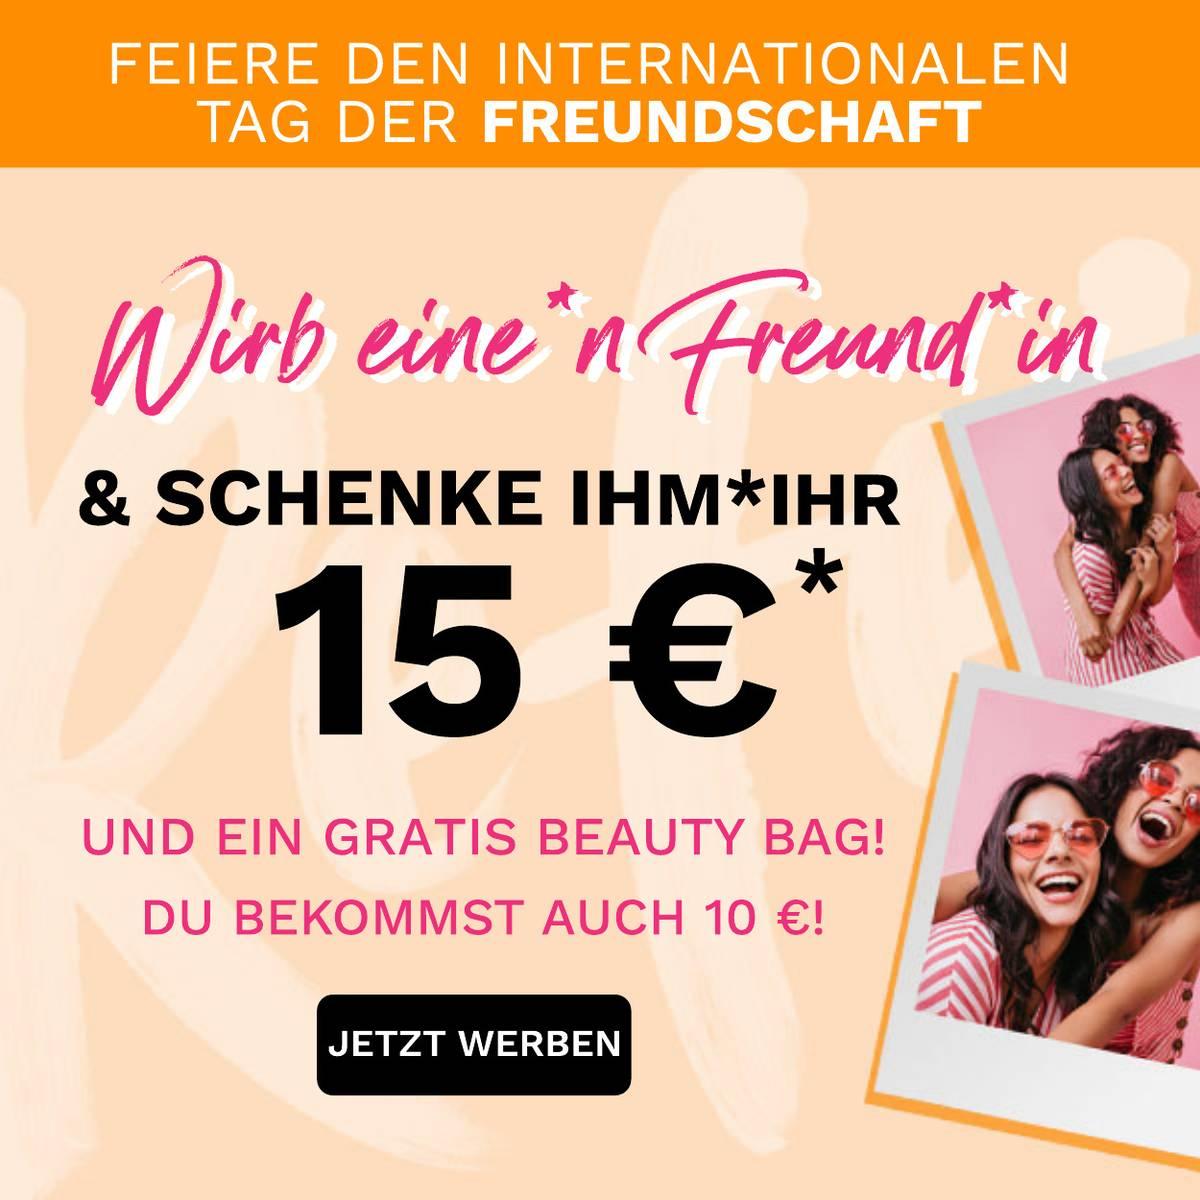 Wirb eine*n Freund*in und schenke ihm*ihr 15 €!